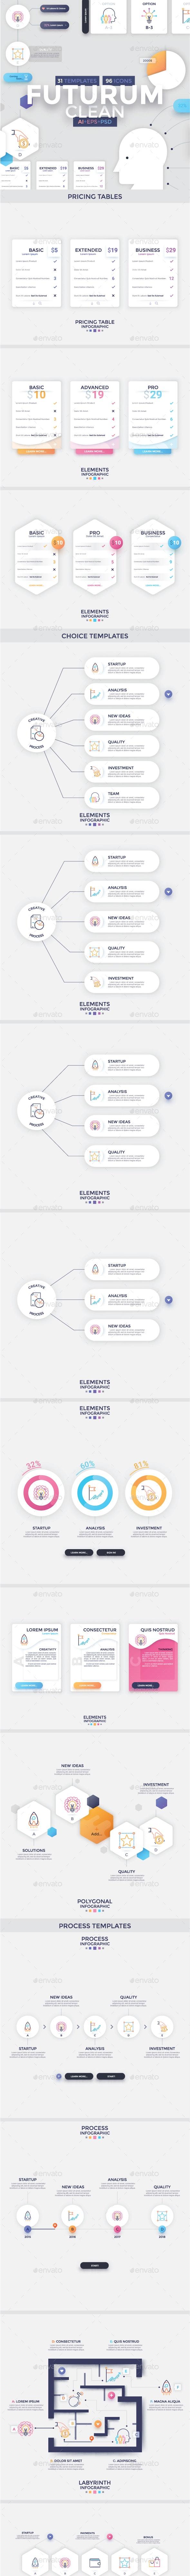 Futurum Clean Infographic - Infographics